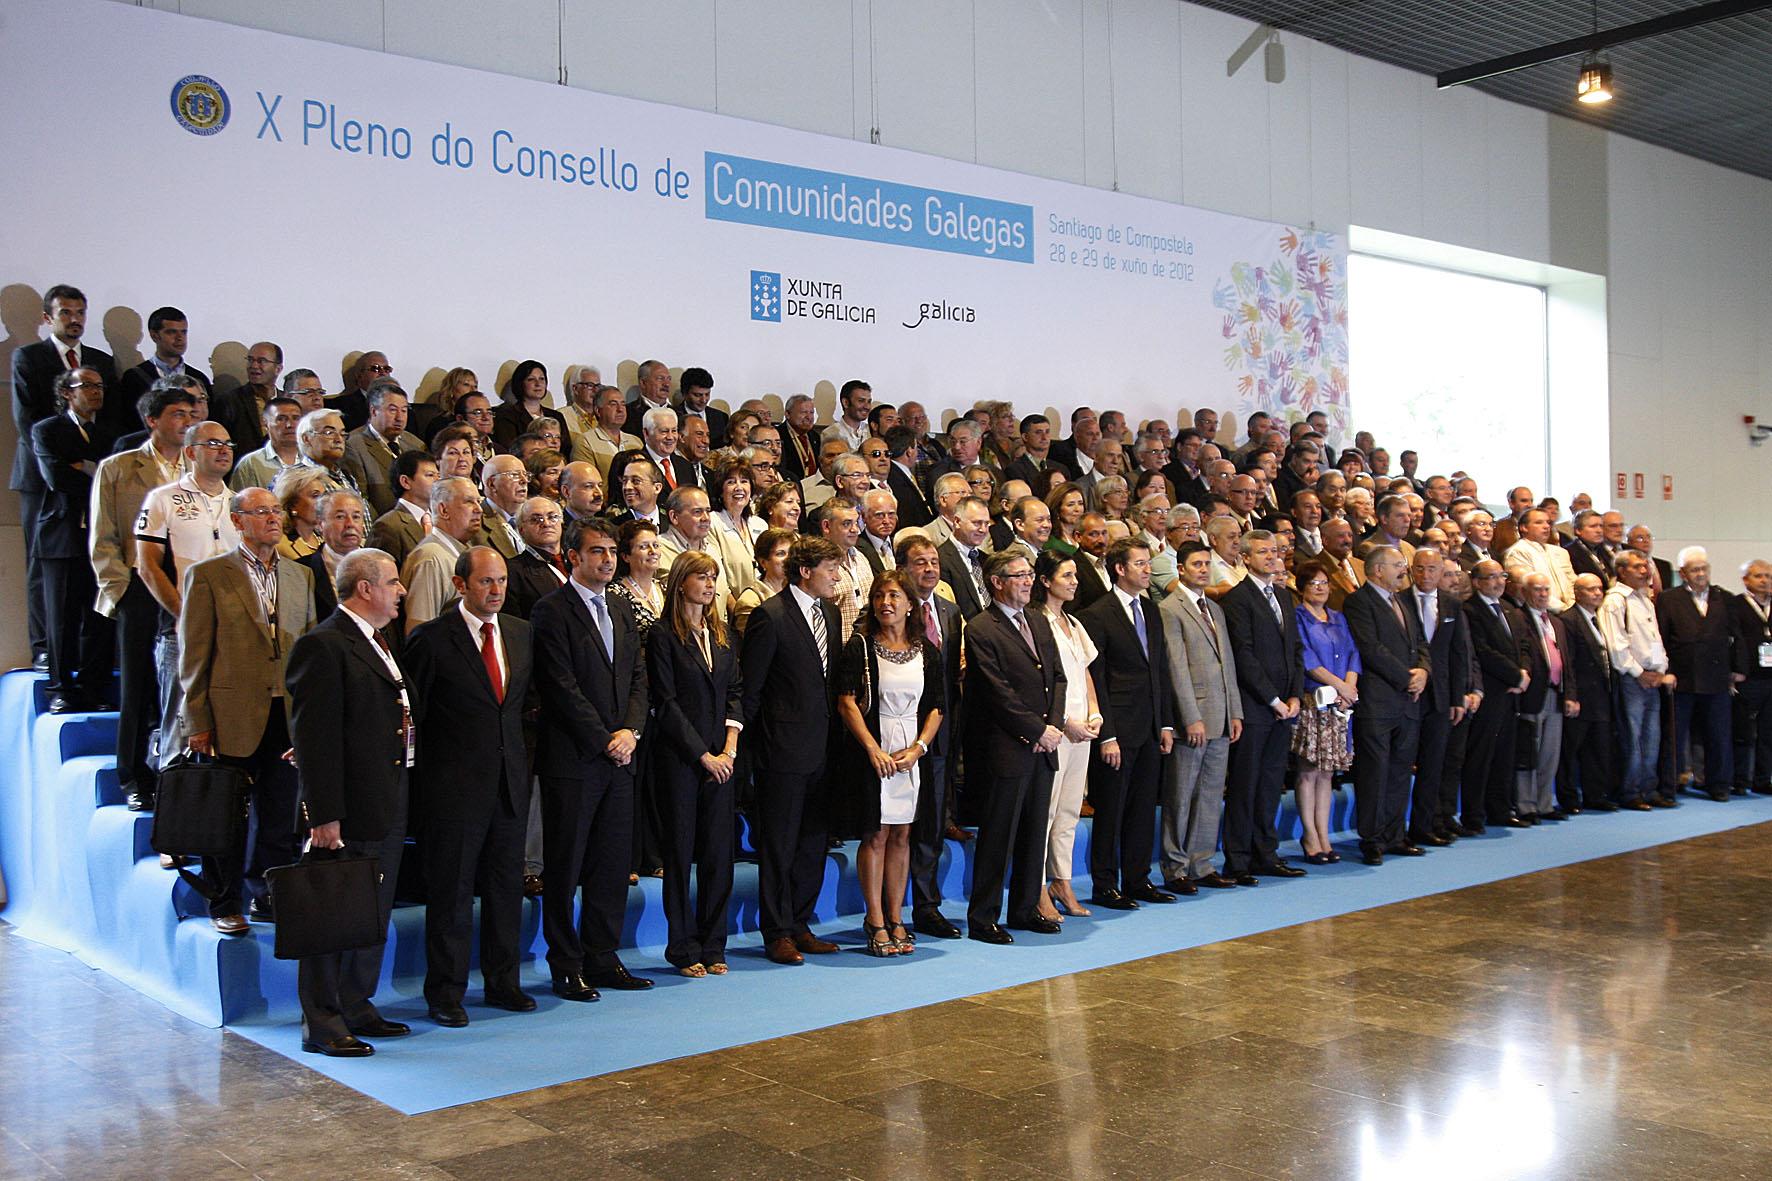 X Pleno do Consello de Comunidades Galegas